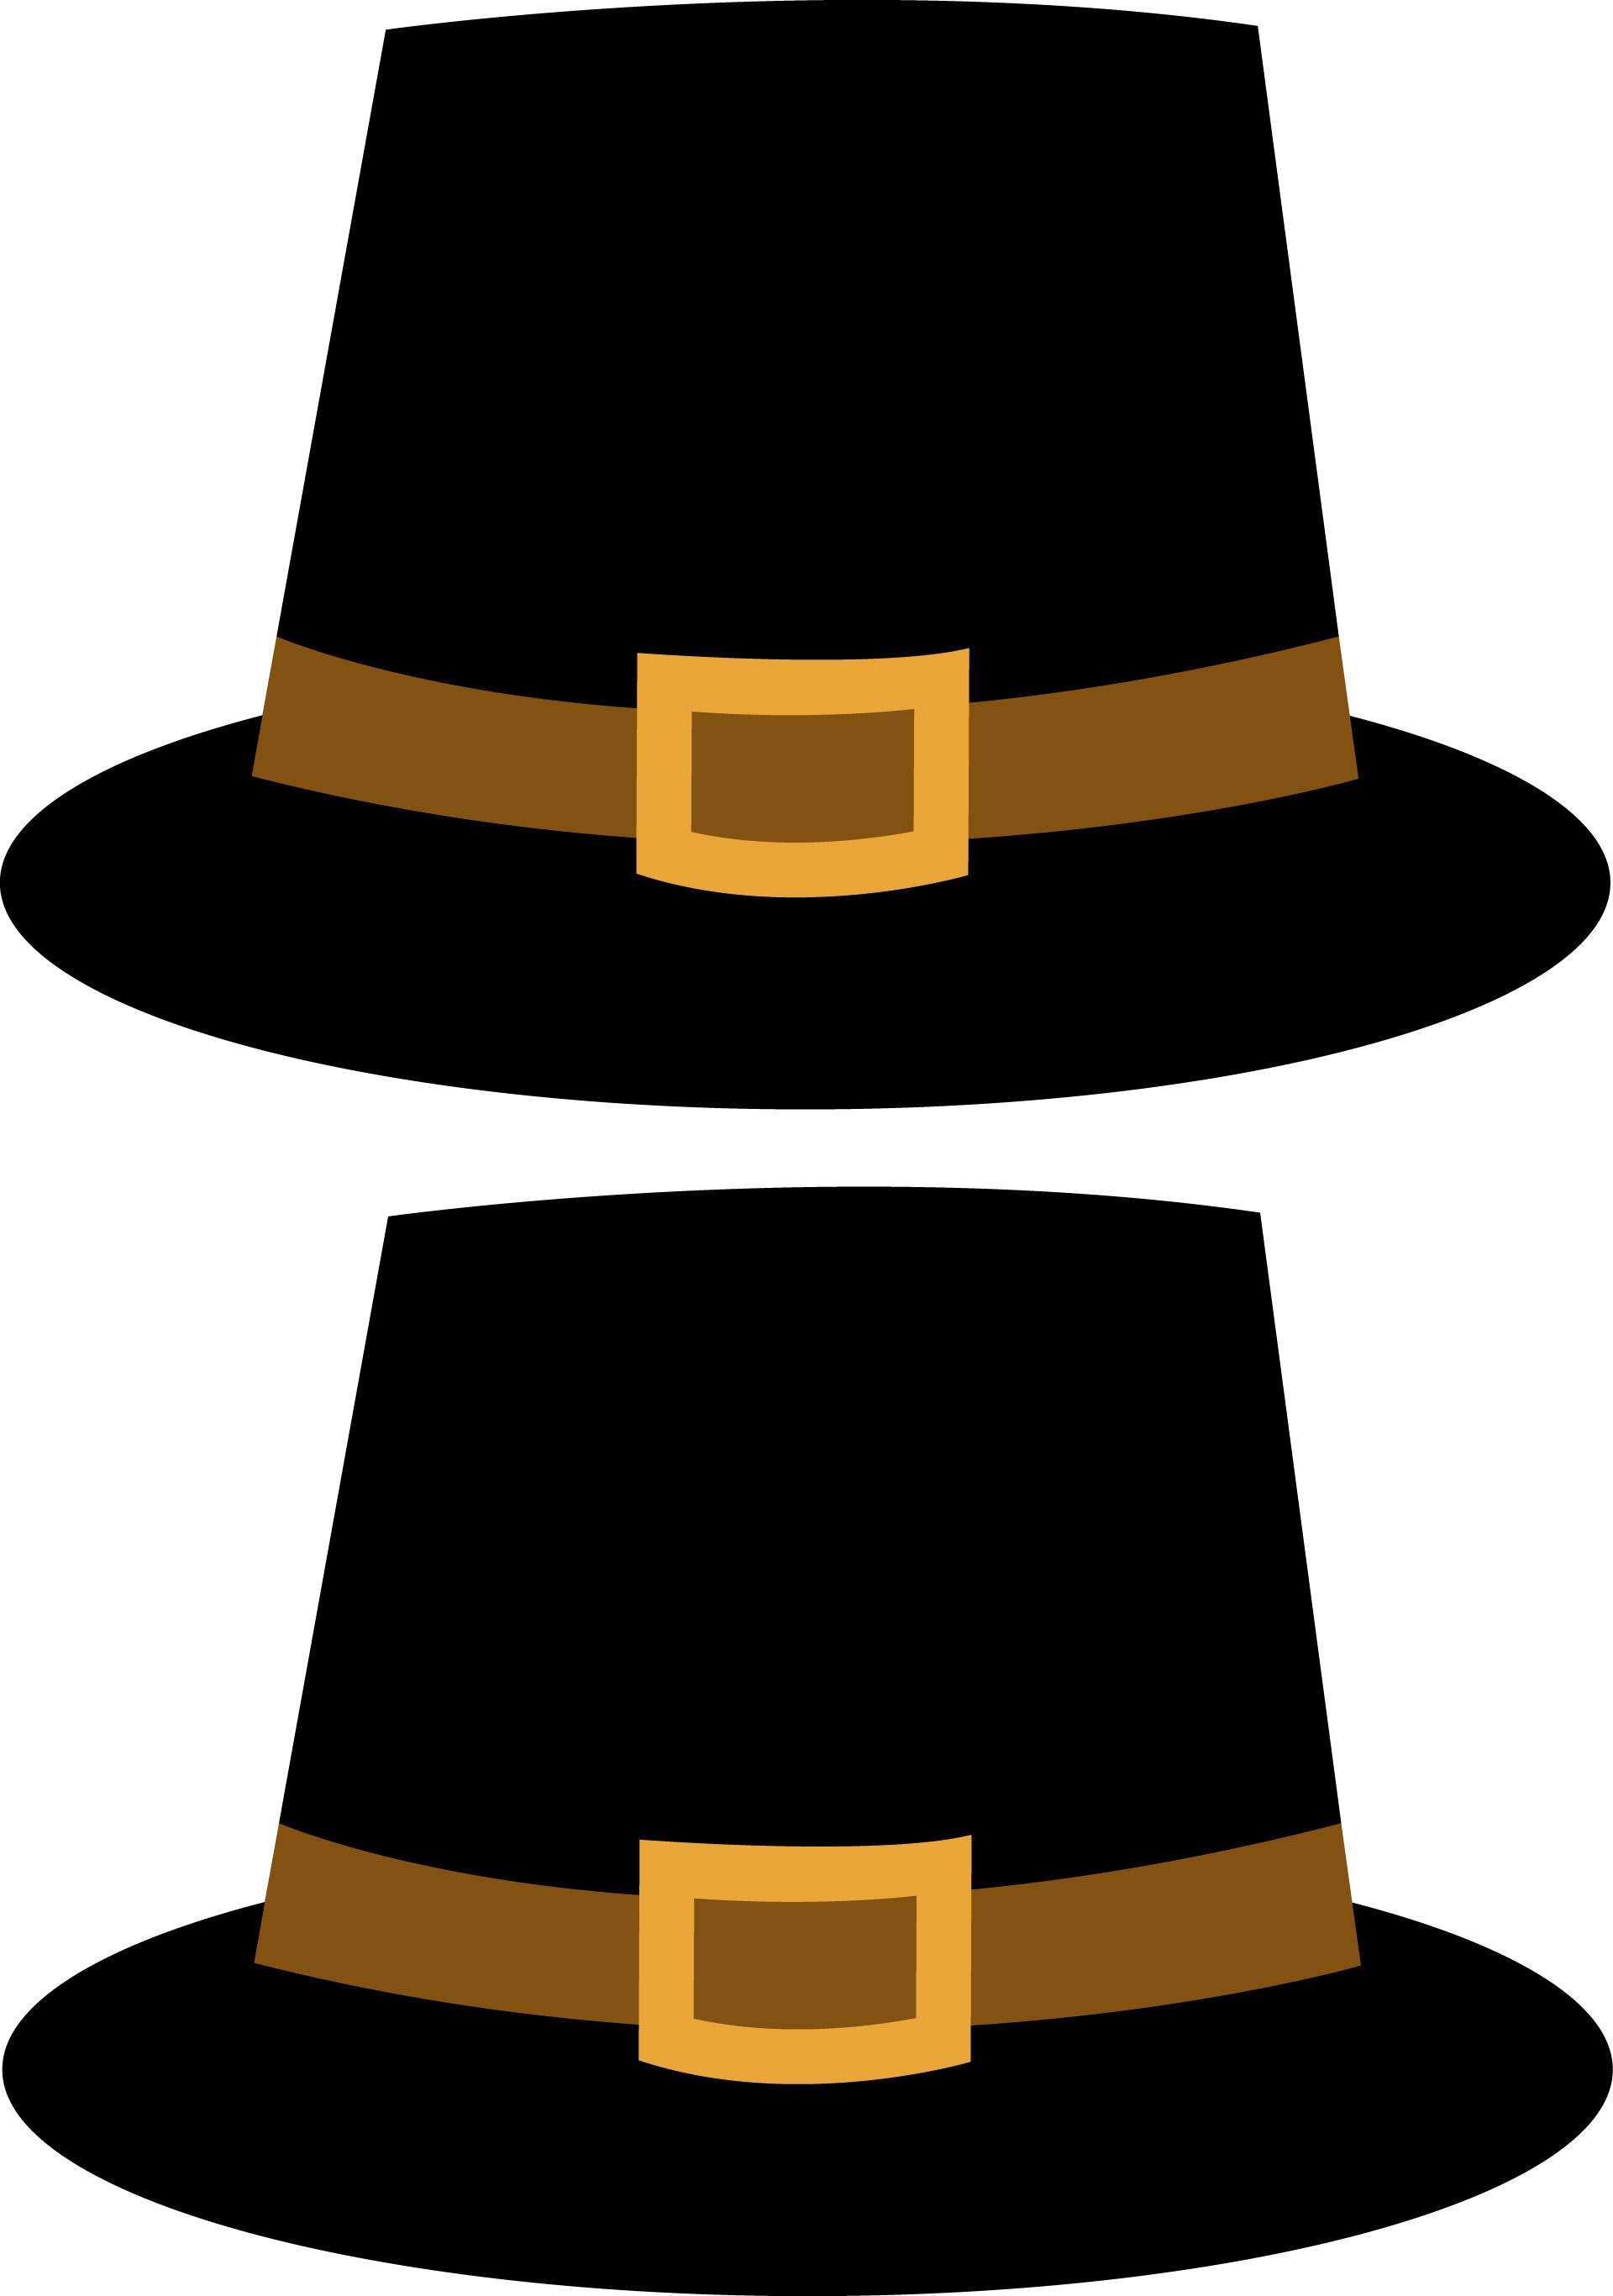 Pilgrim hat clipart.